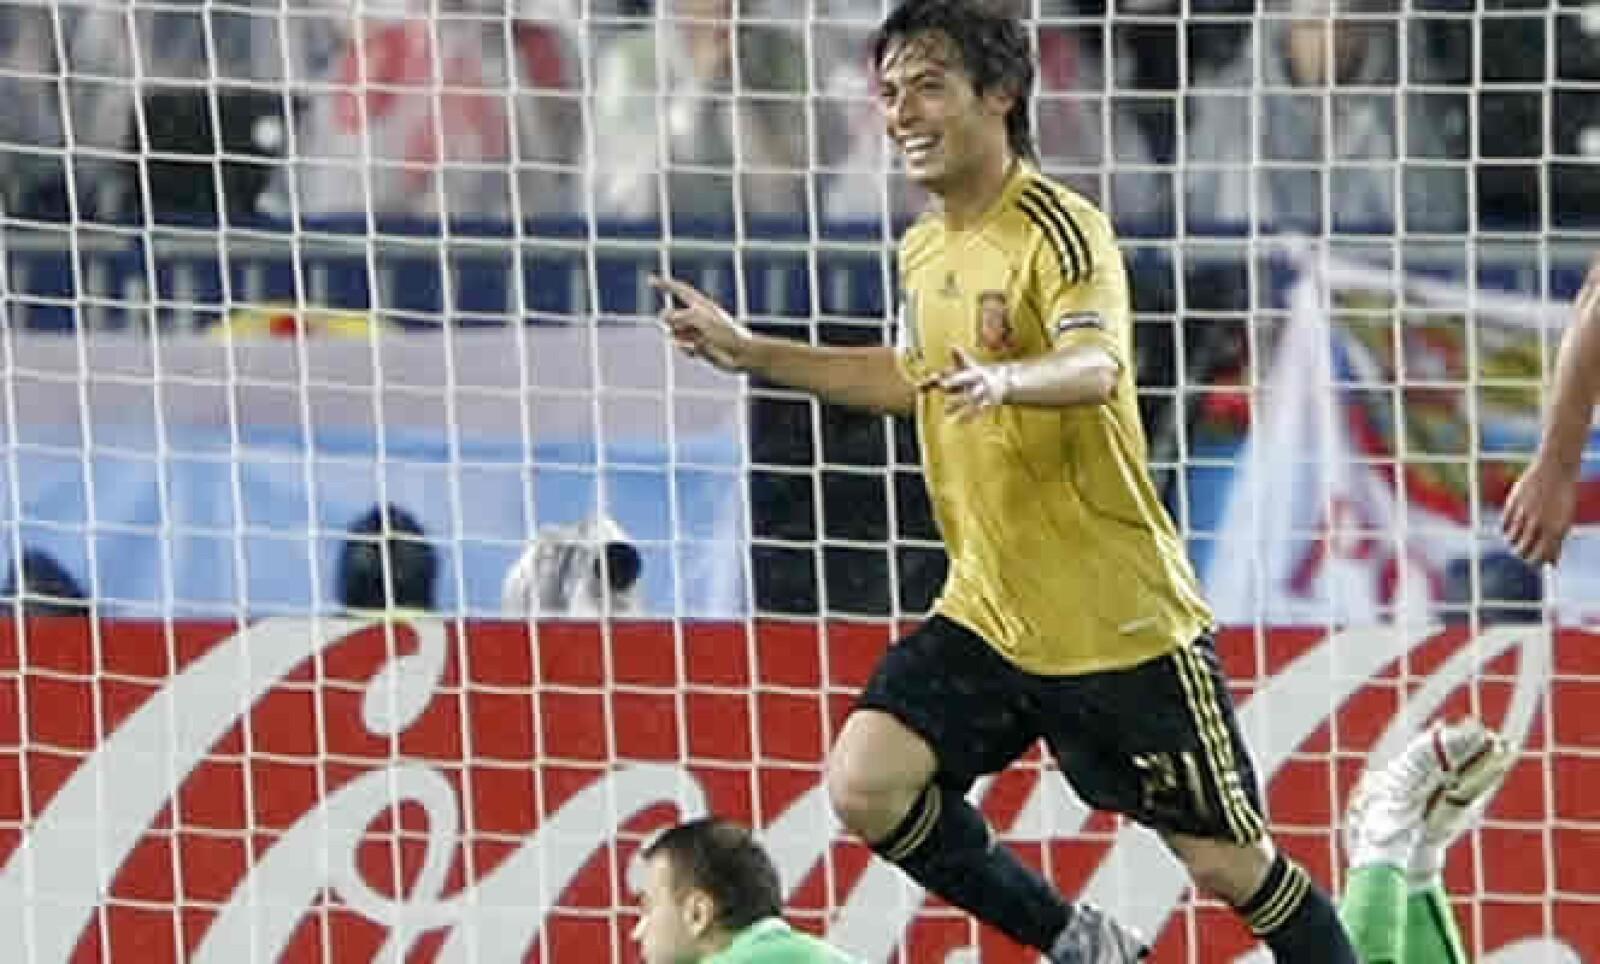 El jugador, suplente gran parte del pasado Mundial, fichó por el equipo inglés Manchester City para esta temporada.